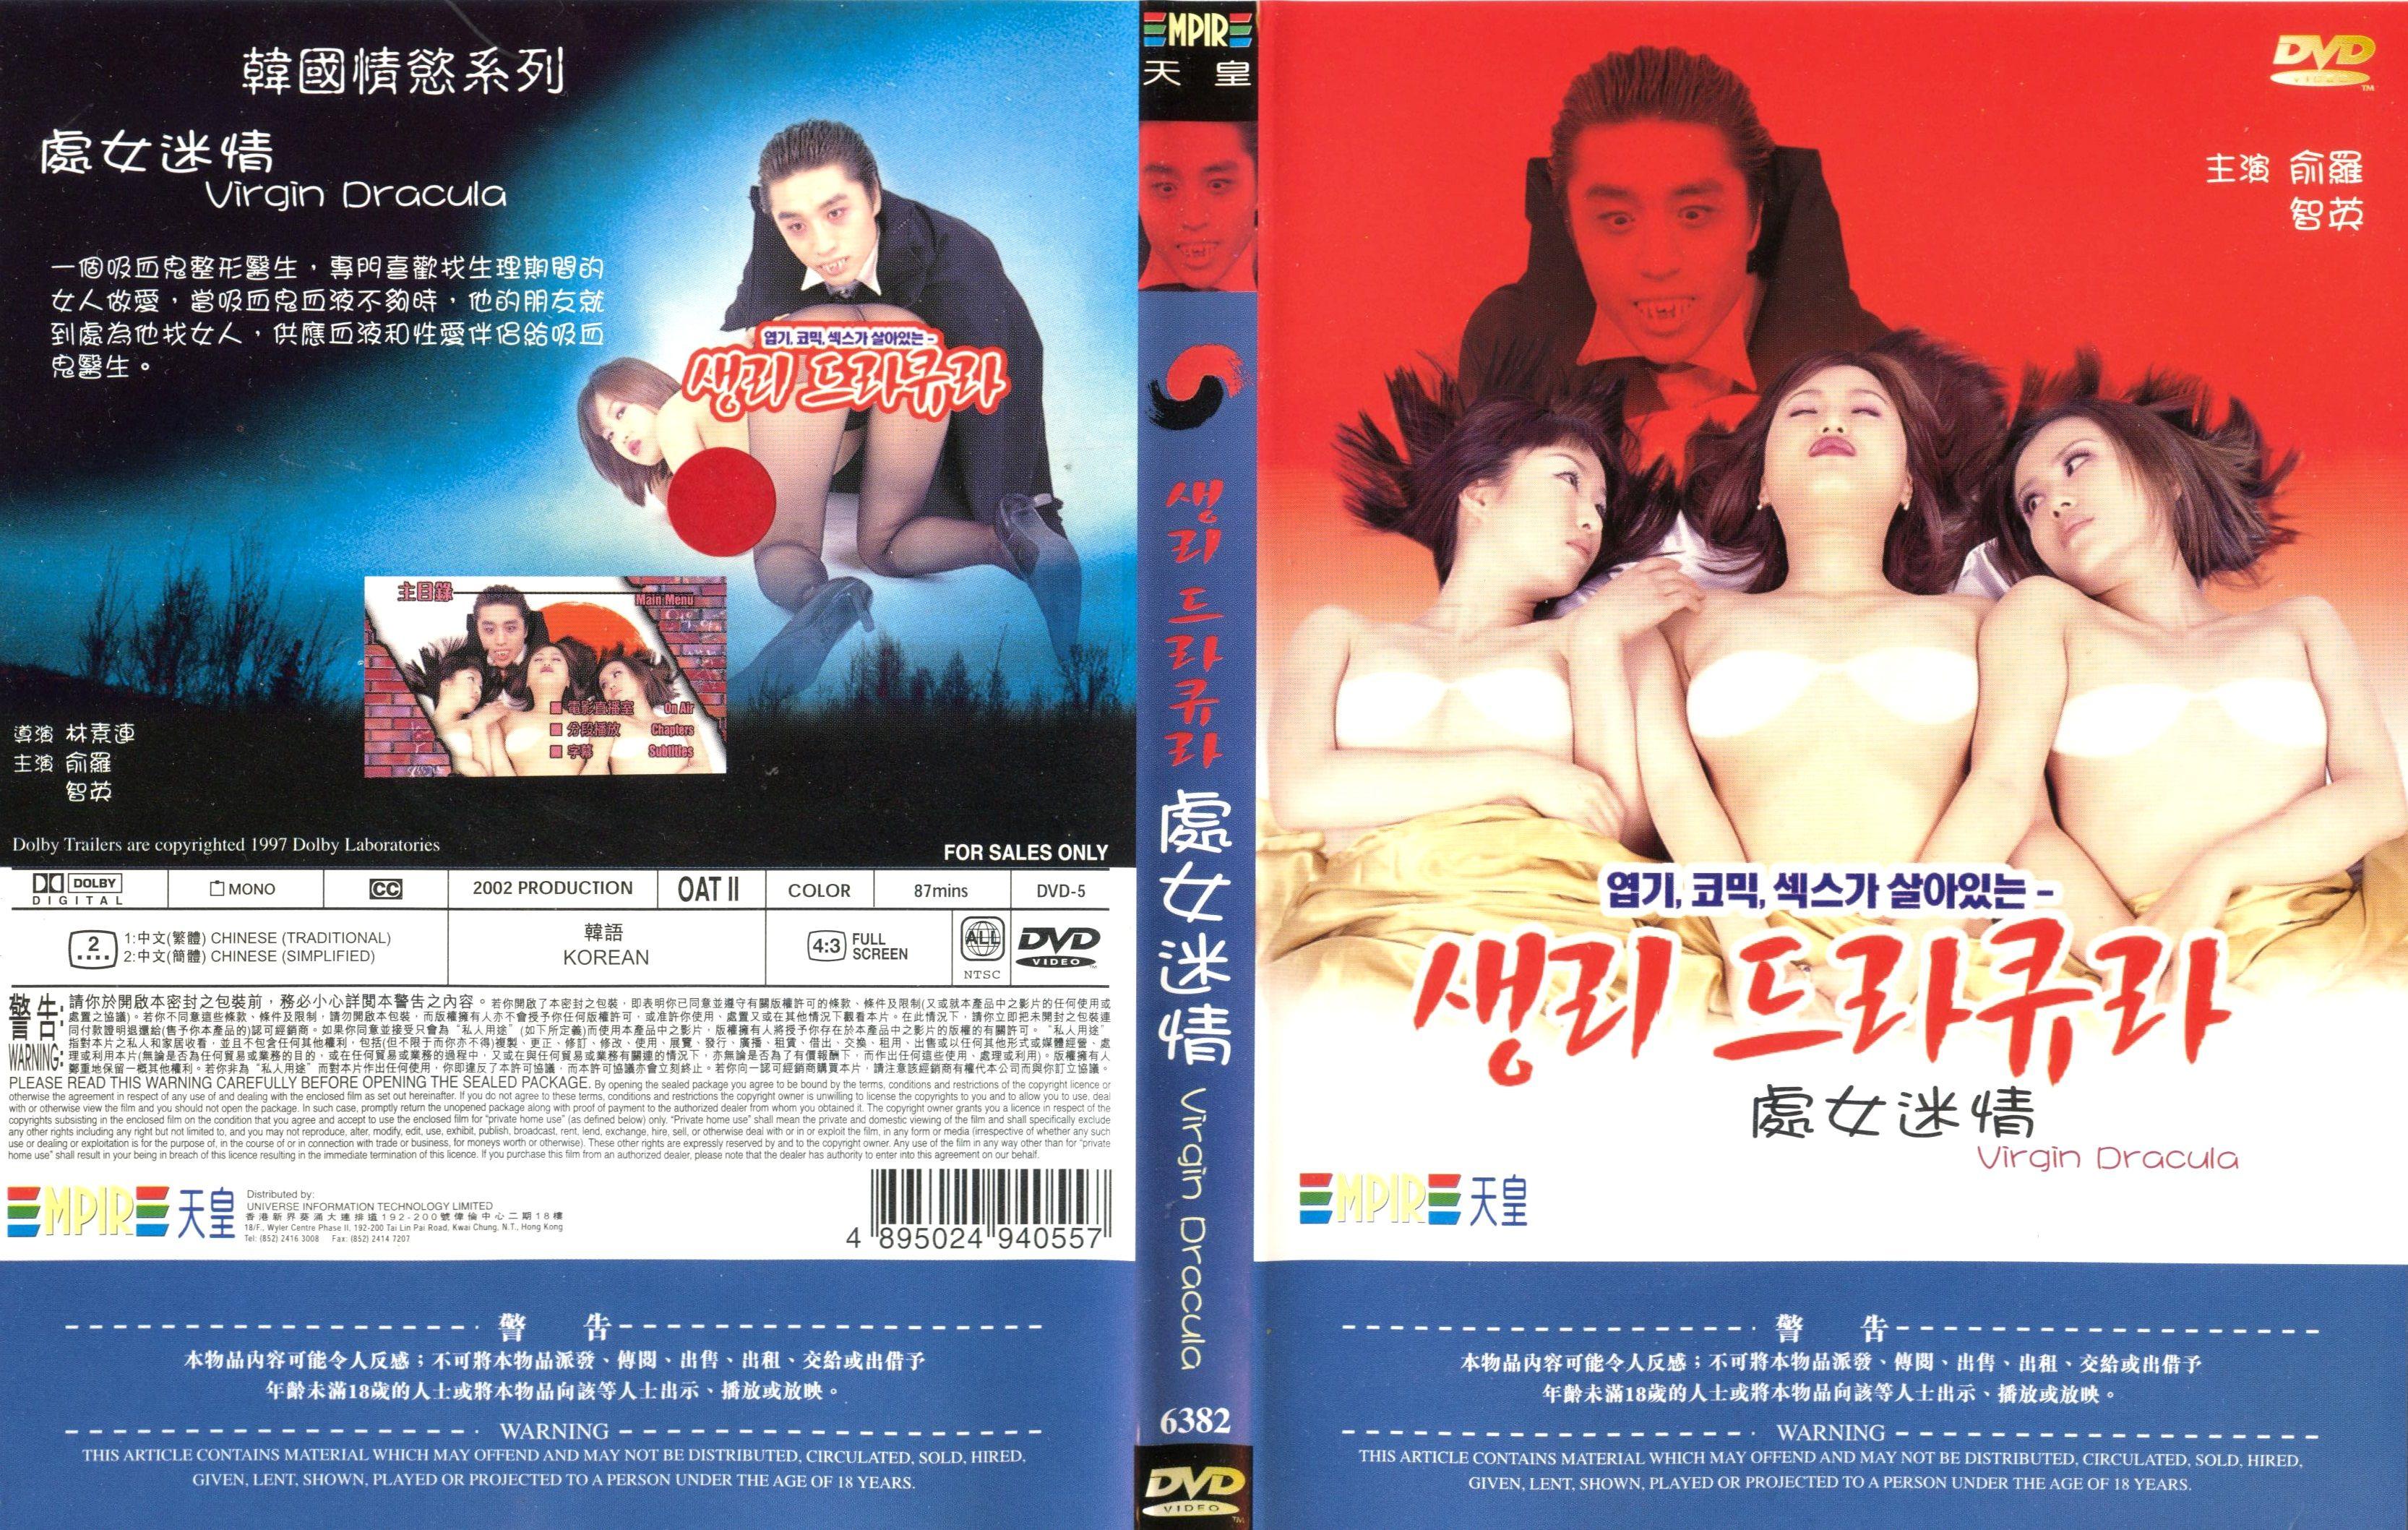 Virgin Dracula (2002) Korea